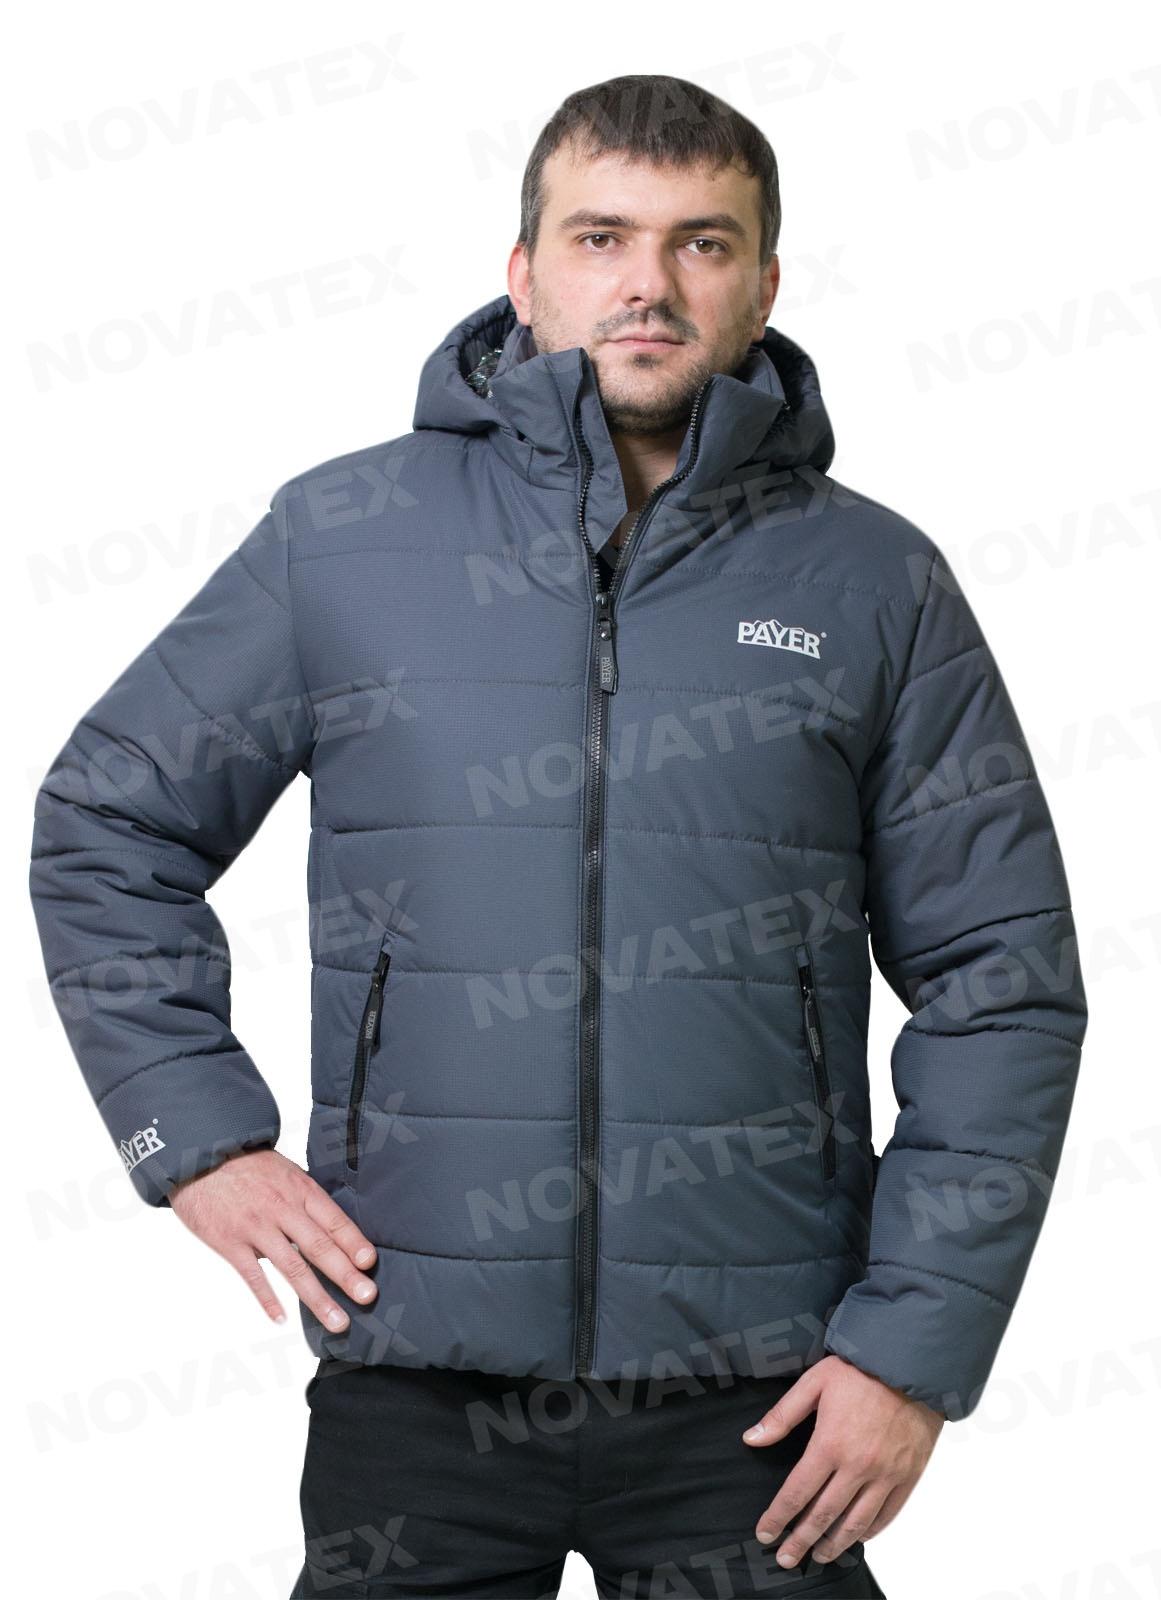 Куртка «Партизан NEW» (таслан, серый) (реверс) Куртки утепленные<br>Зимняя куртка «Партизан» (ТМ «Payer») от компании <br>Novatex это еще один представитель универсальной <br>линейки костюмов, которые подойдут как <br>для города, так и для природы. Эта куртка <br>из современной мембранной ткани «Таслан» <br>с отличной водо-ветрозащитой, обладает <br>хорошей паропроводимостью. (5000/5000). Надежный <br>слой утеплителя «Термотекс» и фольгированная <br>подкладка обеспечивают сохранение тепла <br>и создают надежную защиту от холода.<br><br>Пол: мужской<br>Сезон: зима<br>Цвет: синий